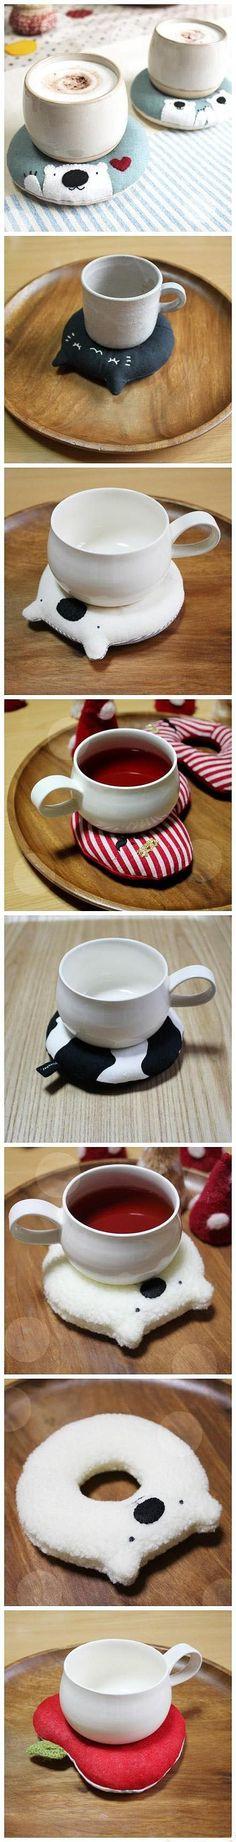 手工DIY 杯垫。